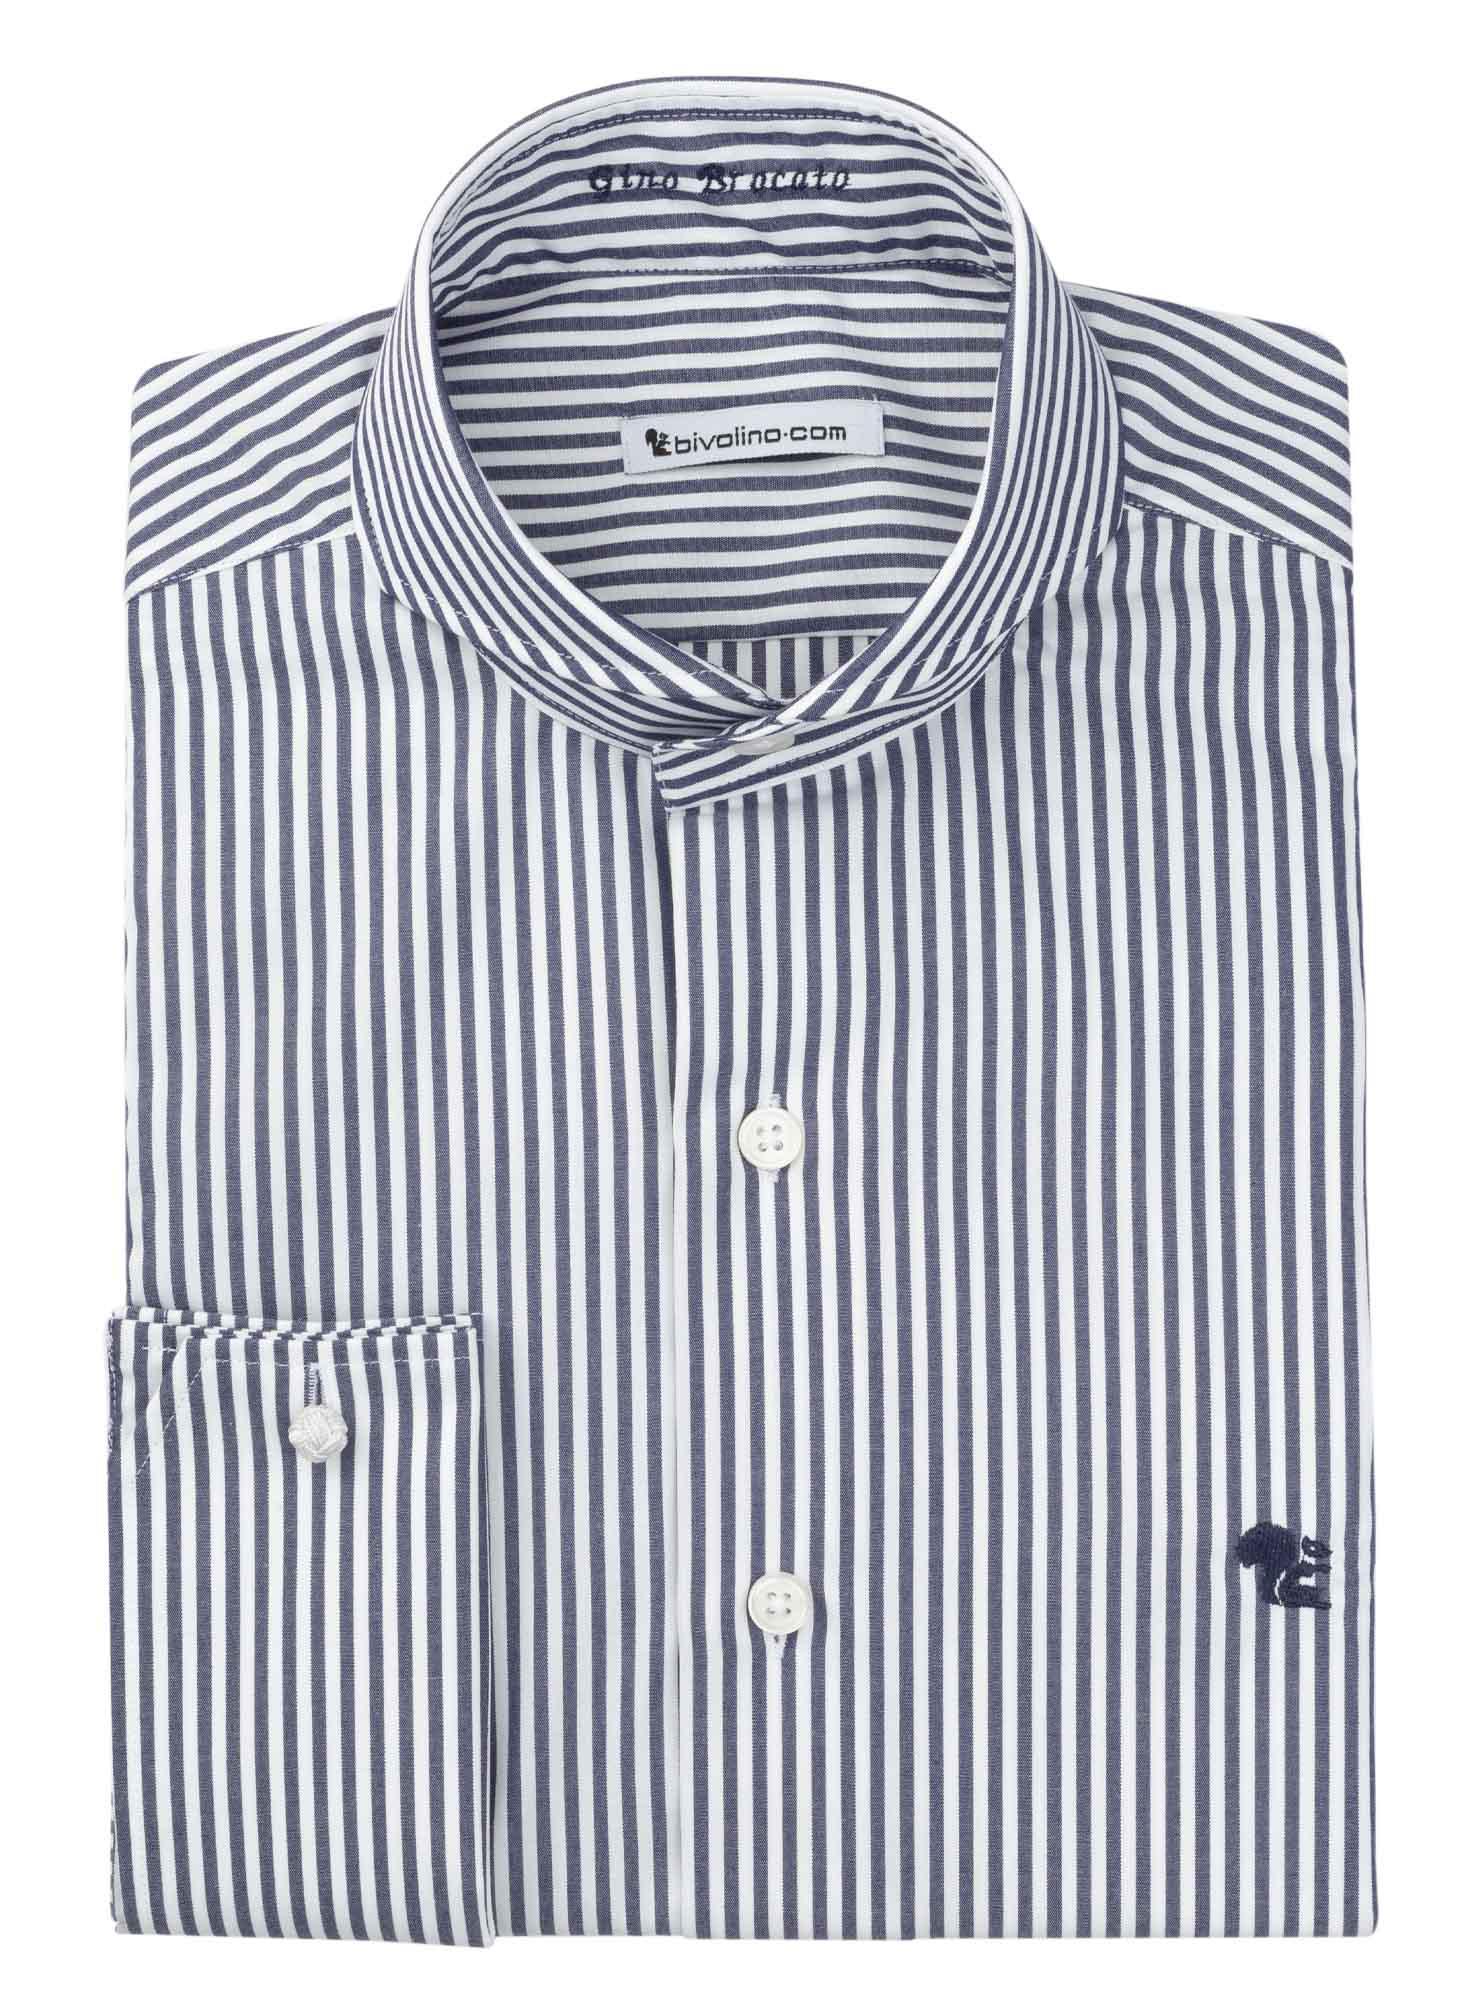 AGRIGENTO -  striped poplin navy easy-care men shirt - RIVO 2